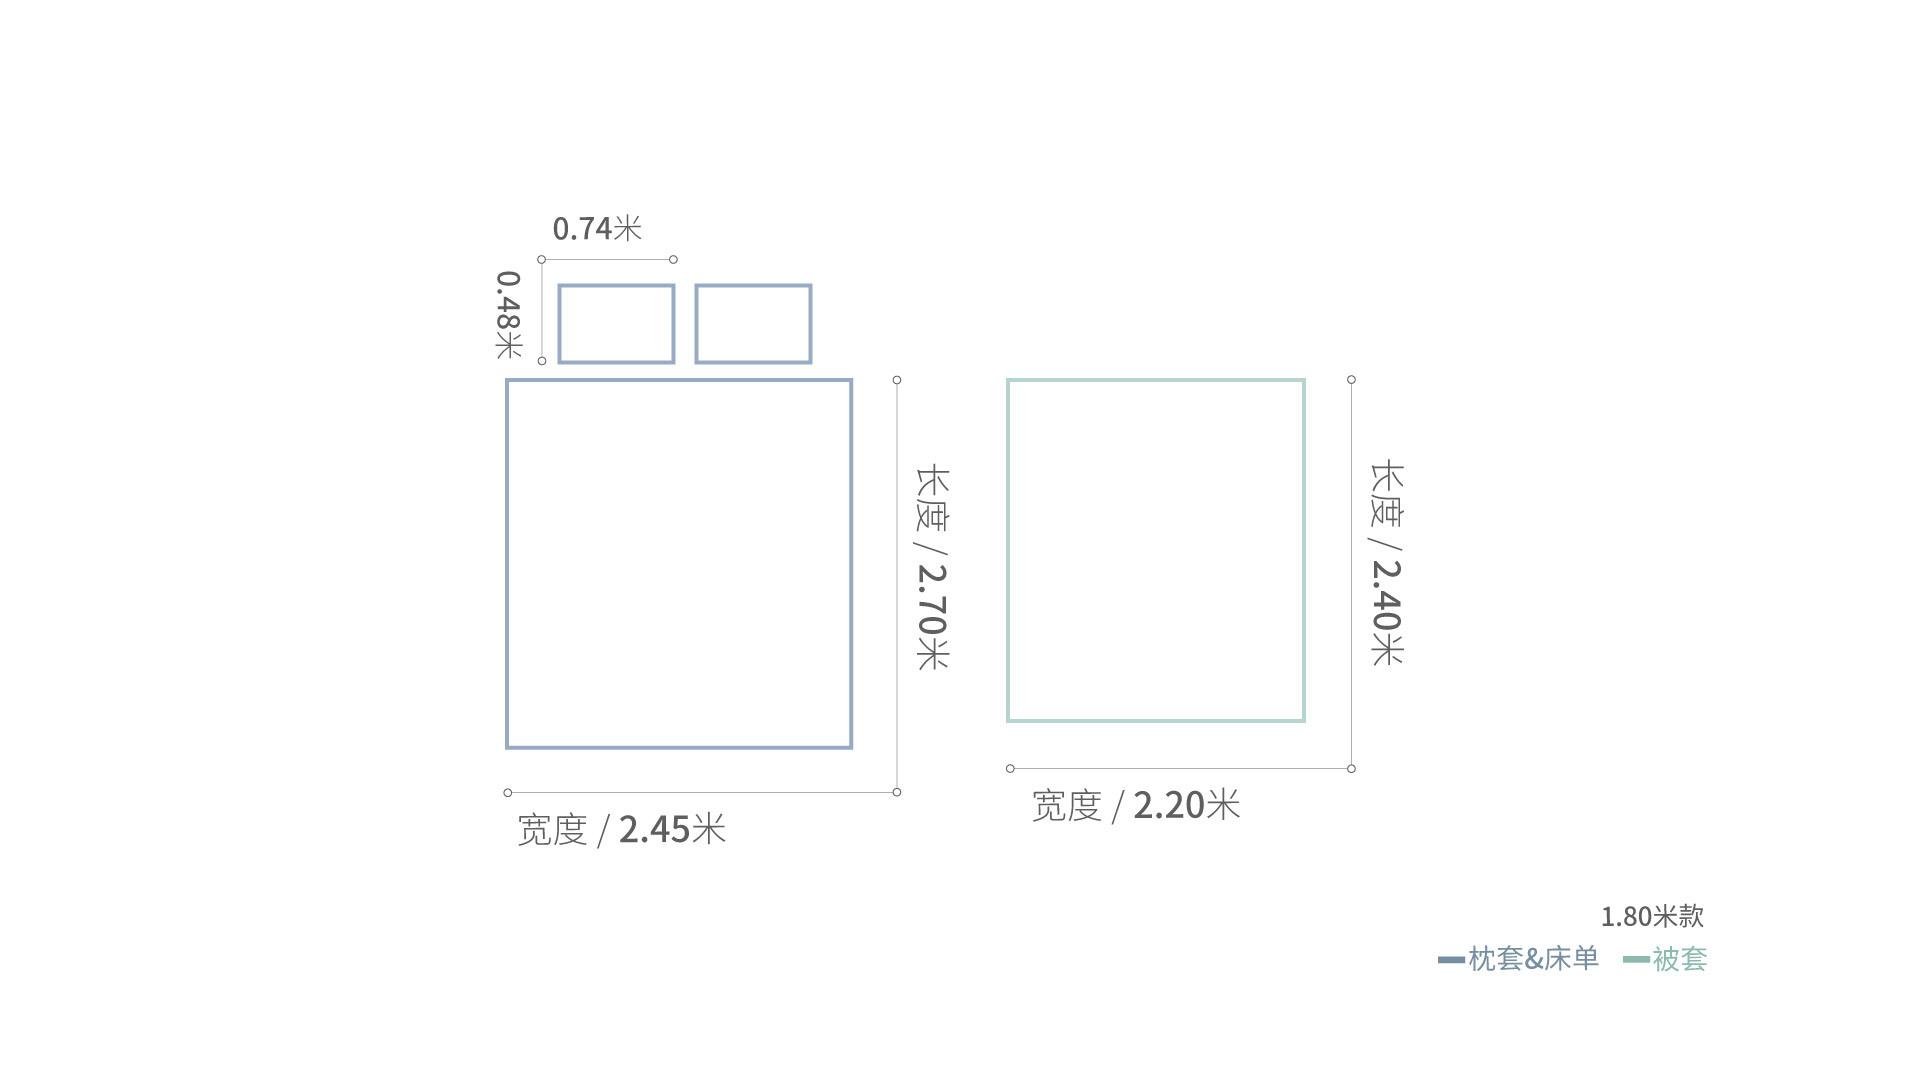 山茶双层纱床品1.8米床·床品效果图